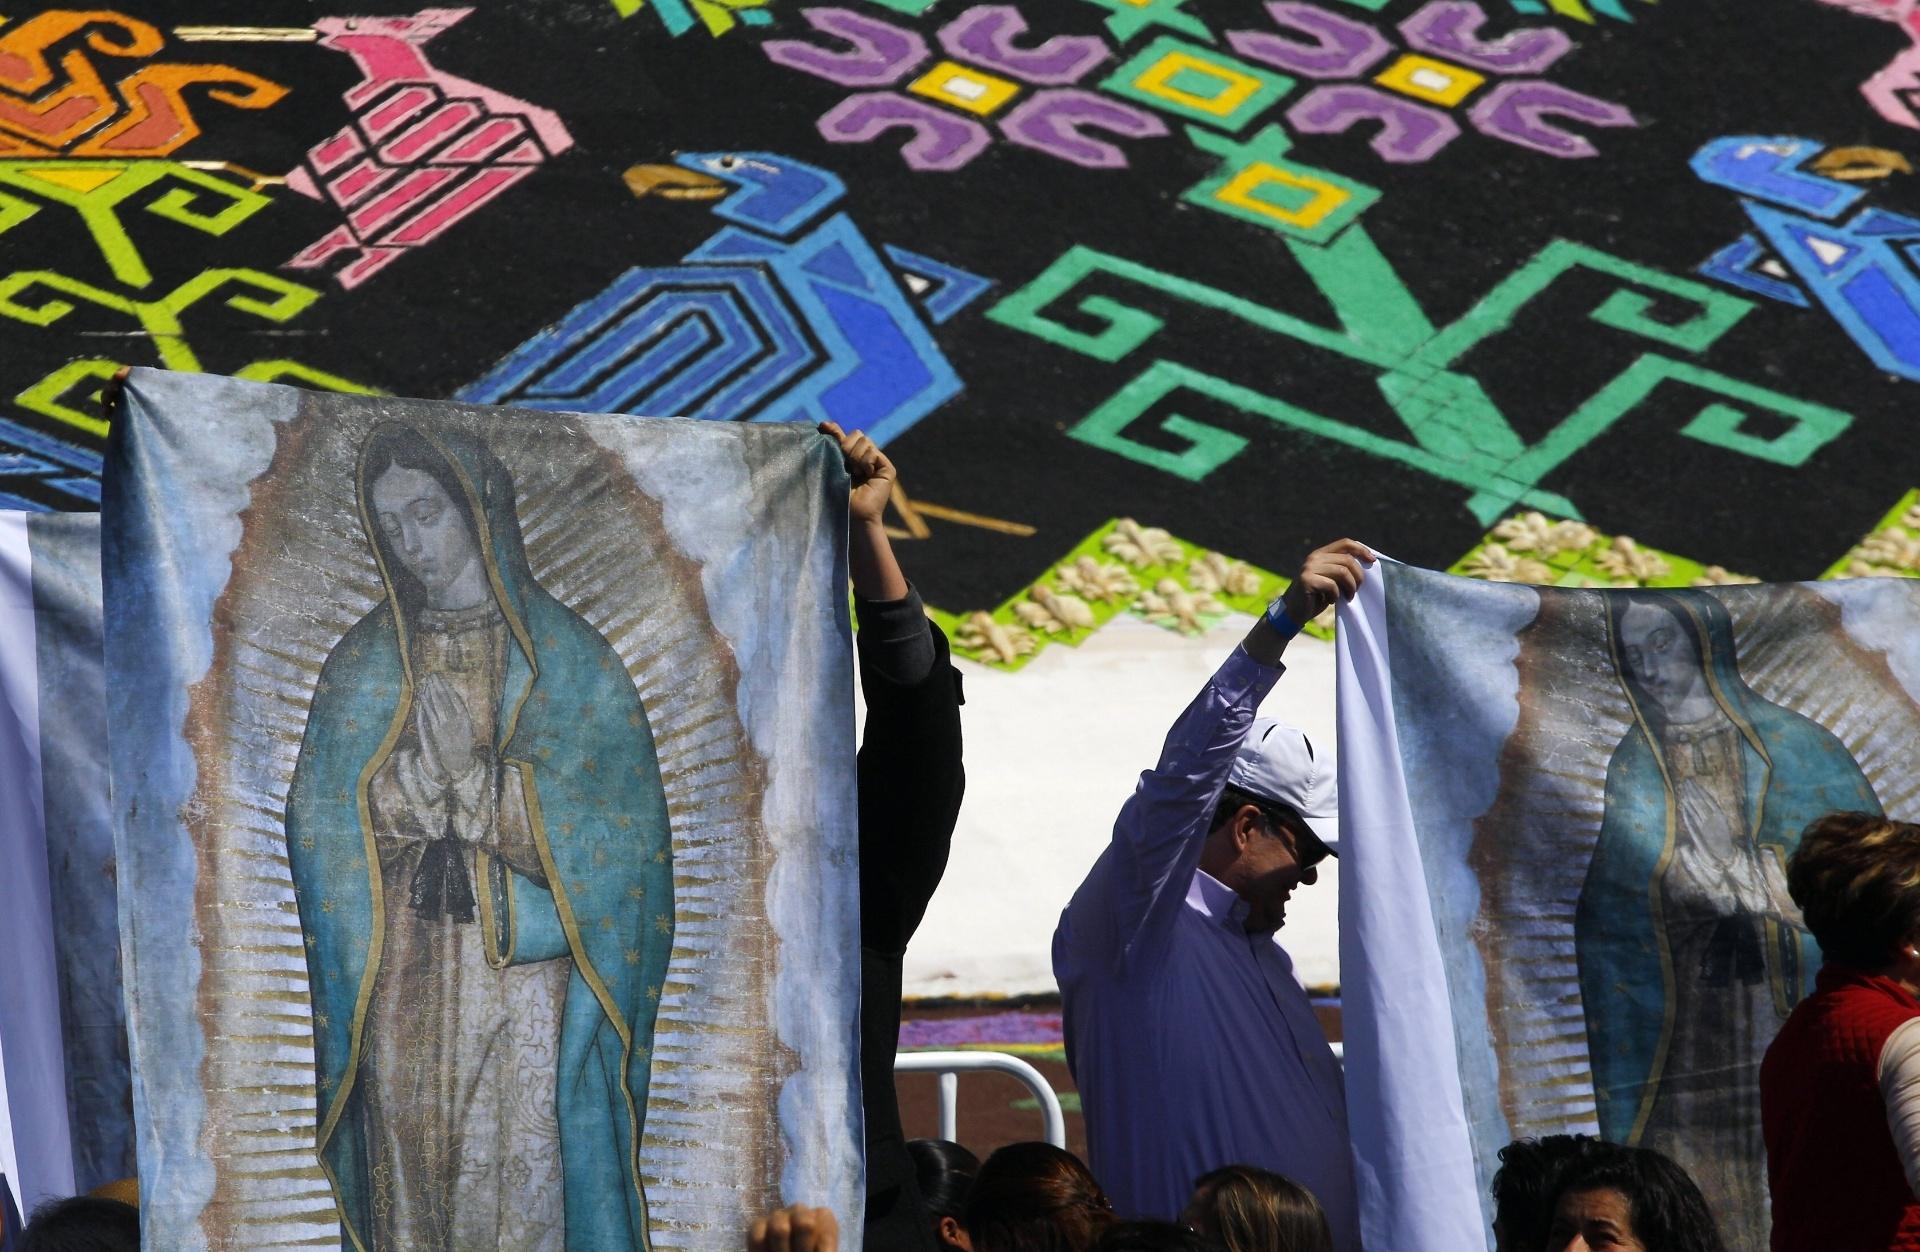 14.fev.2016 - Com estandartes coloridos da Virgem, fiéis saúdam o papa Francisco em Ecatepec, subúrbio pobre e violento da Cidade do México, onde o pontífice celebra missa aberta